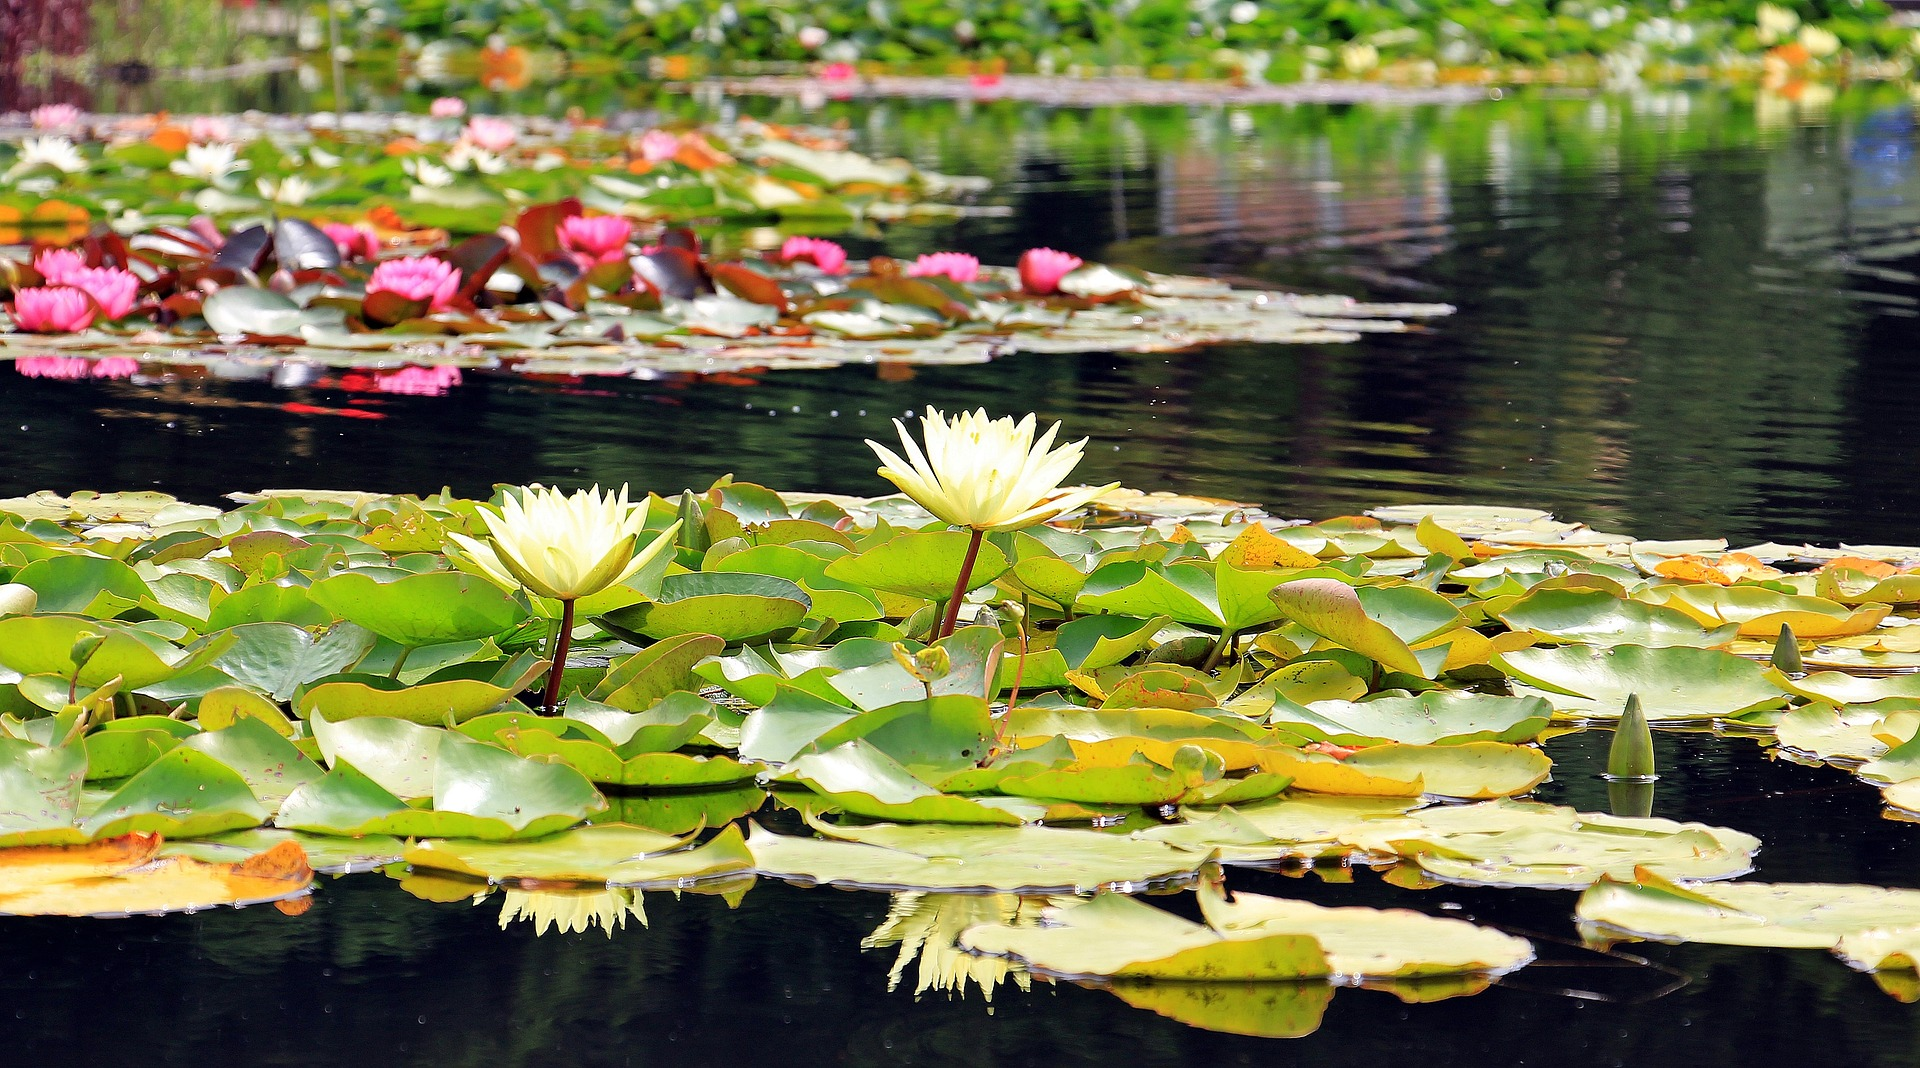 Rośliny do oczka wodnego podnoszą jego atrakcyjność. Wiele z nich poprawia stan wody w ogrodowej sadzawce.